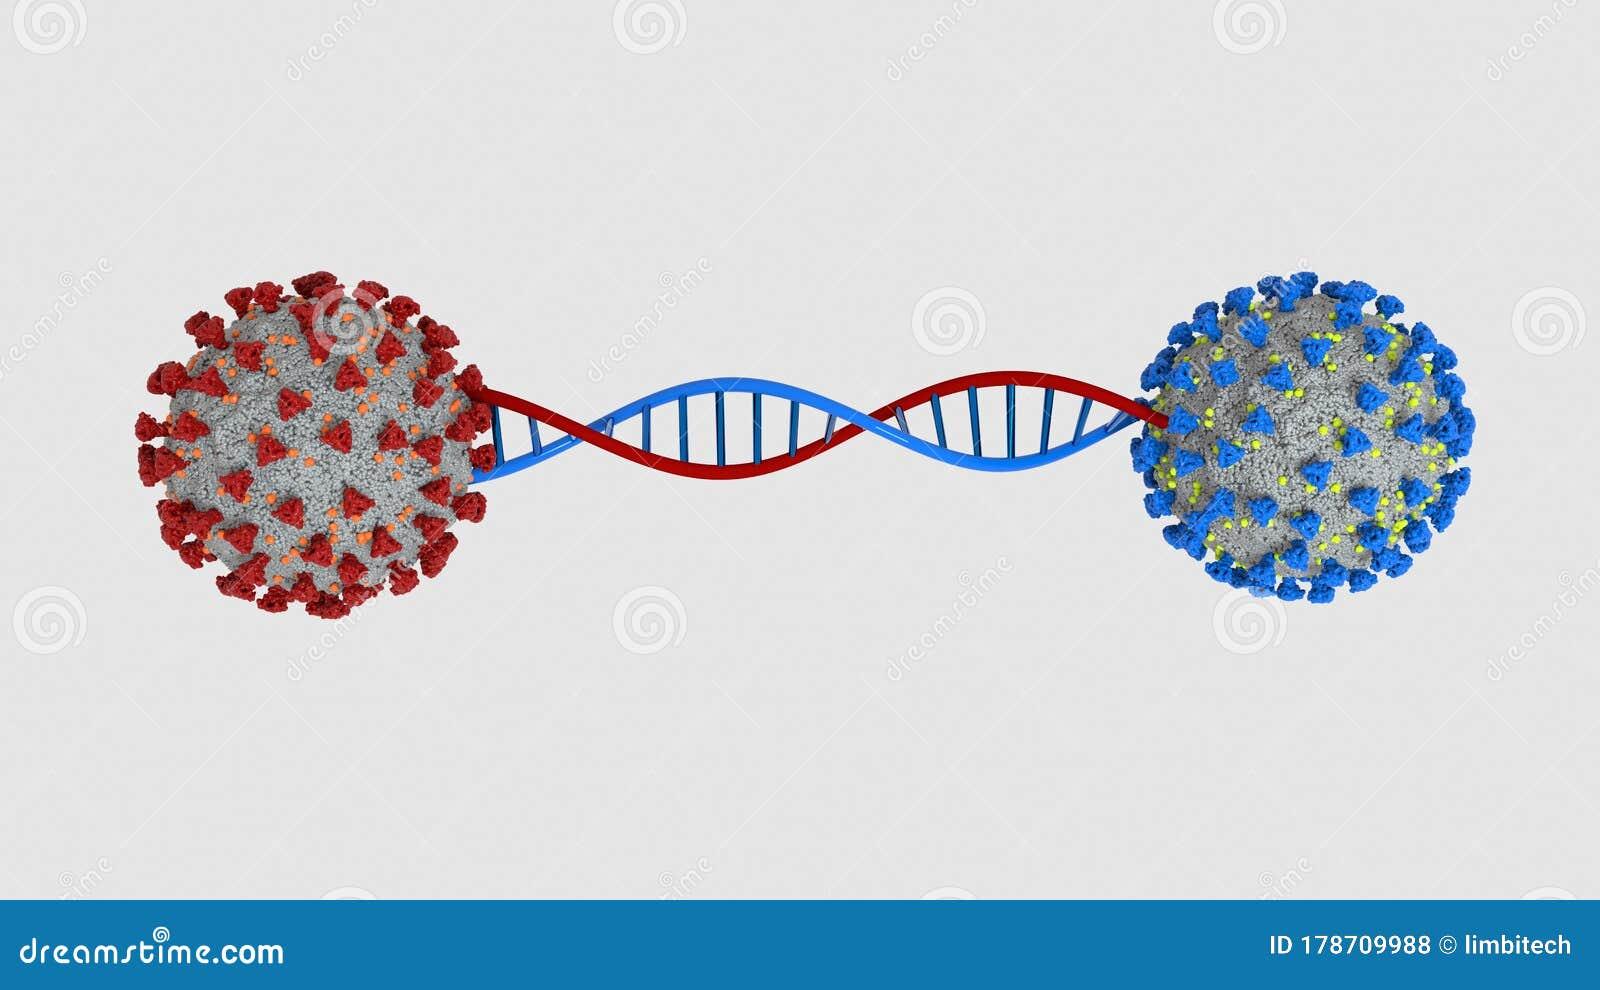 Coronavirus Mutation DNA Helix 3D Illustration Stock ...